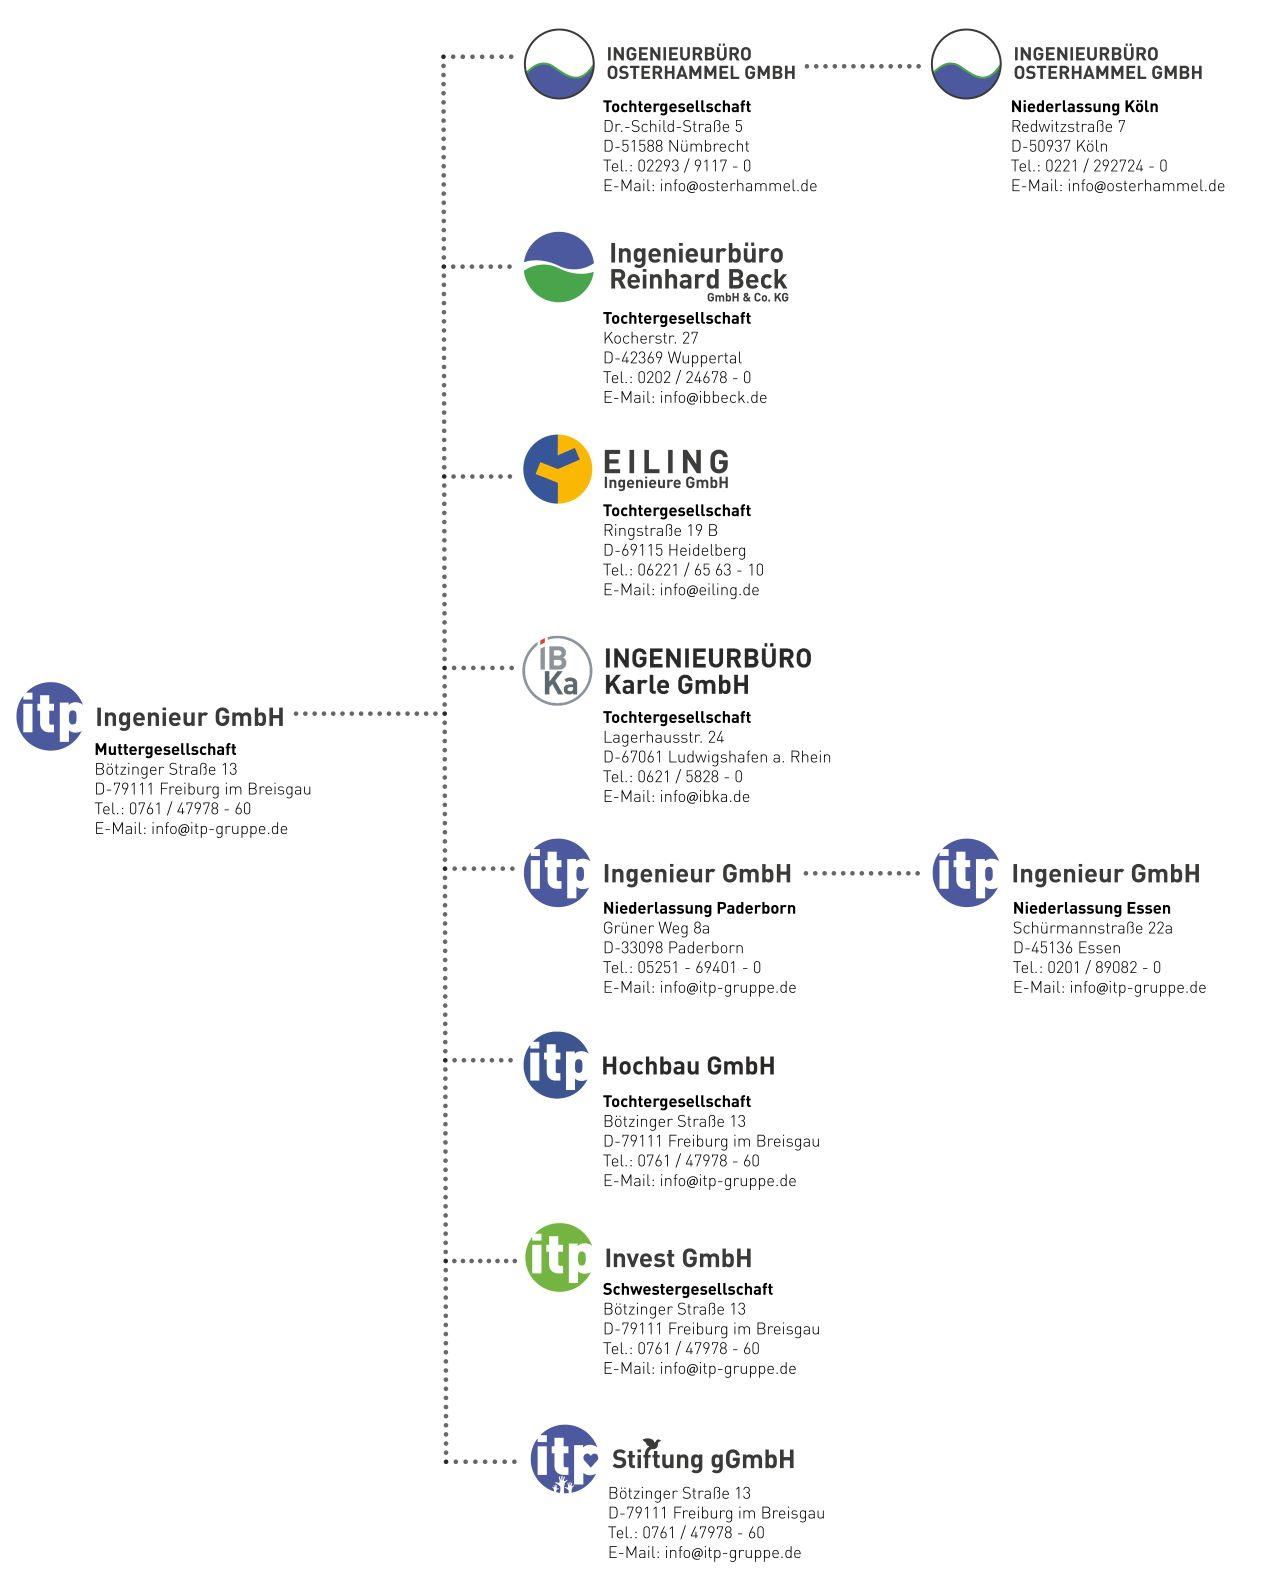 Gesellschaften Unternehmensgruppe itp Ingenieur GmbH